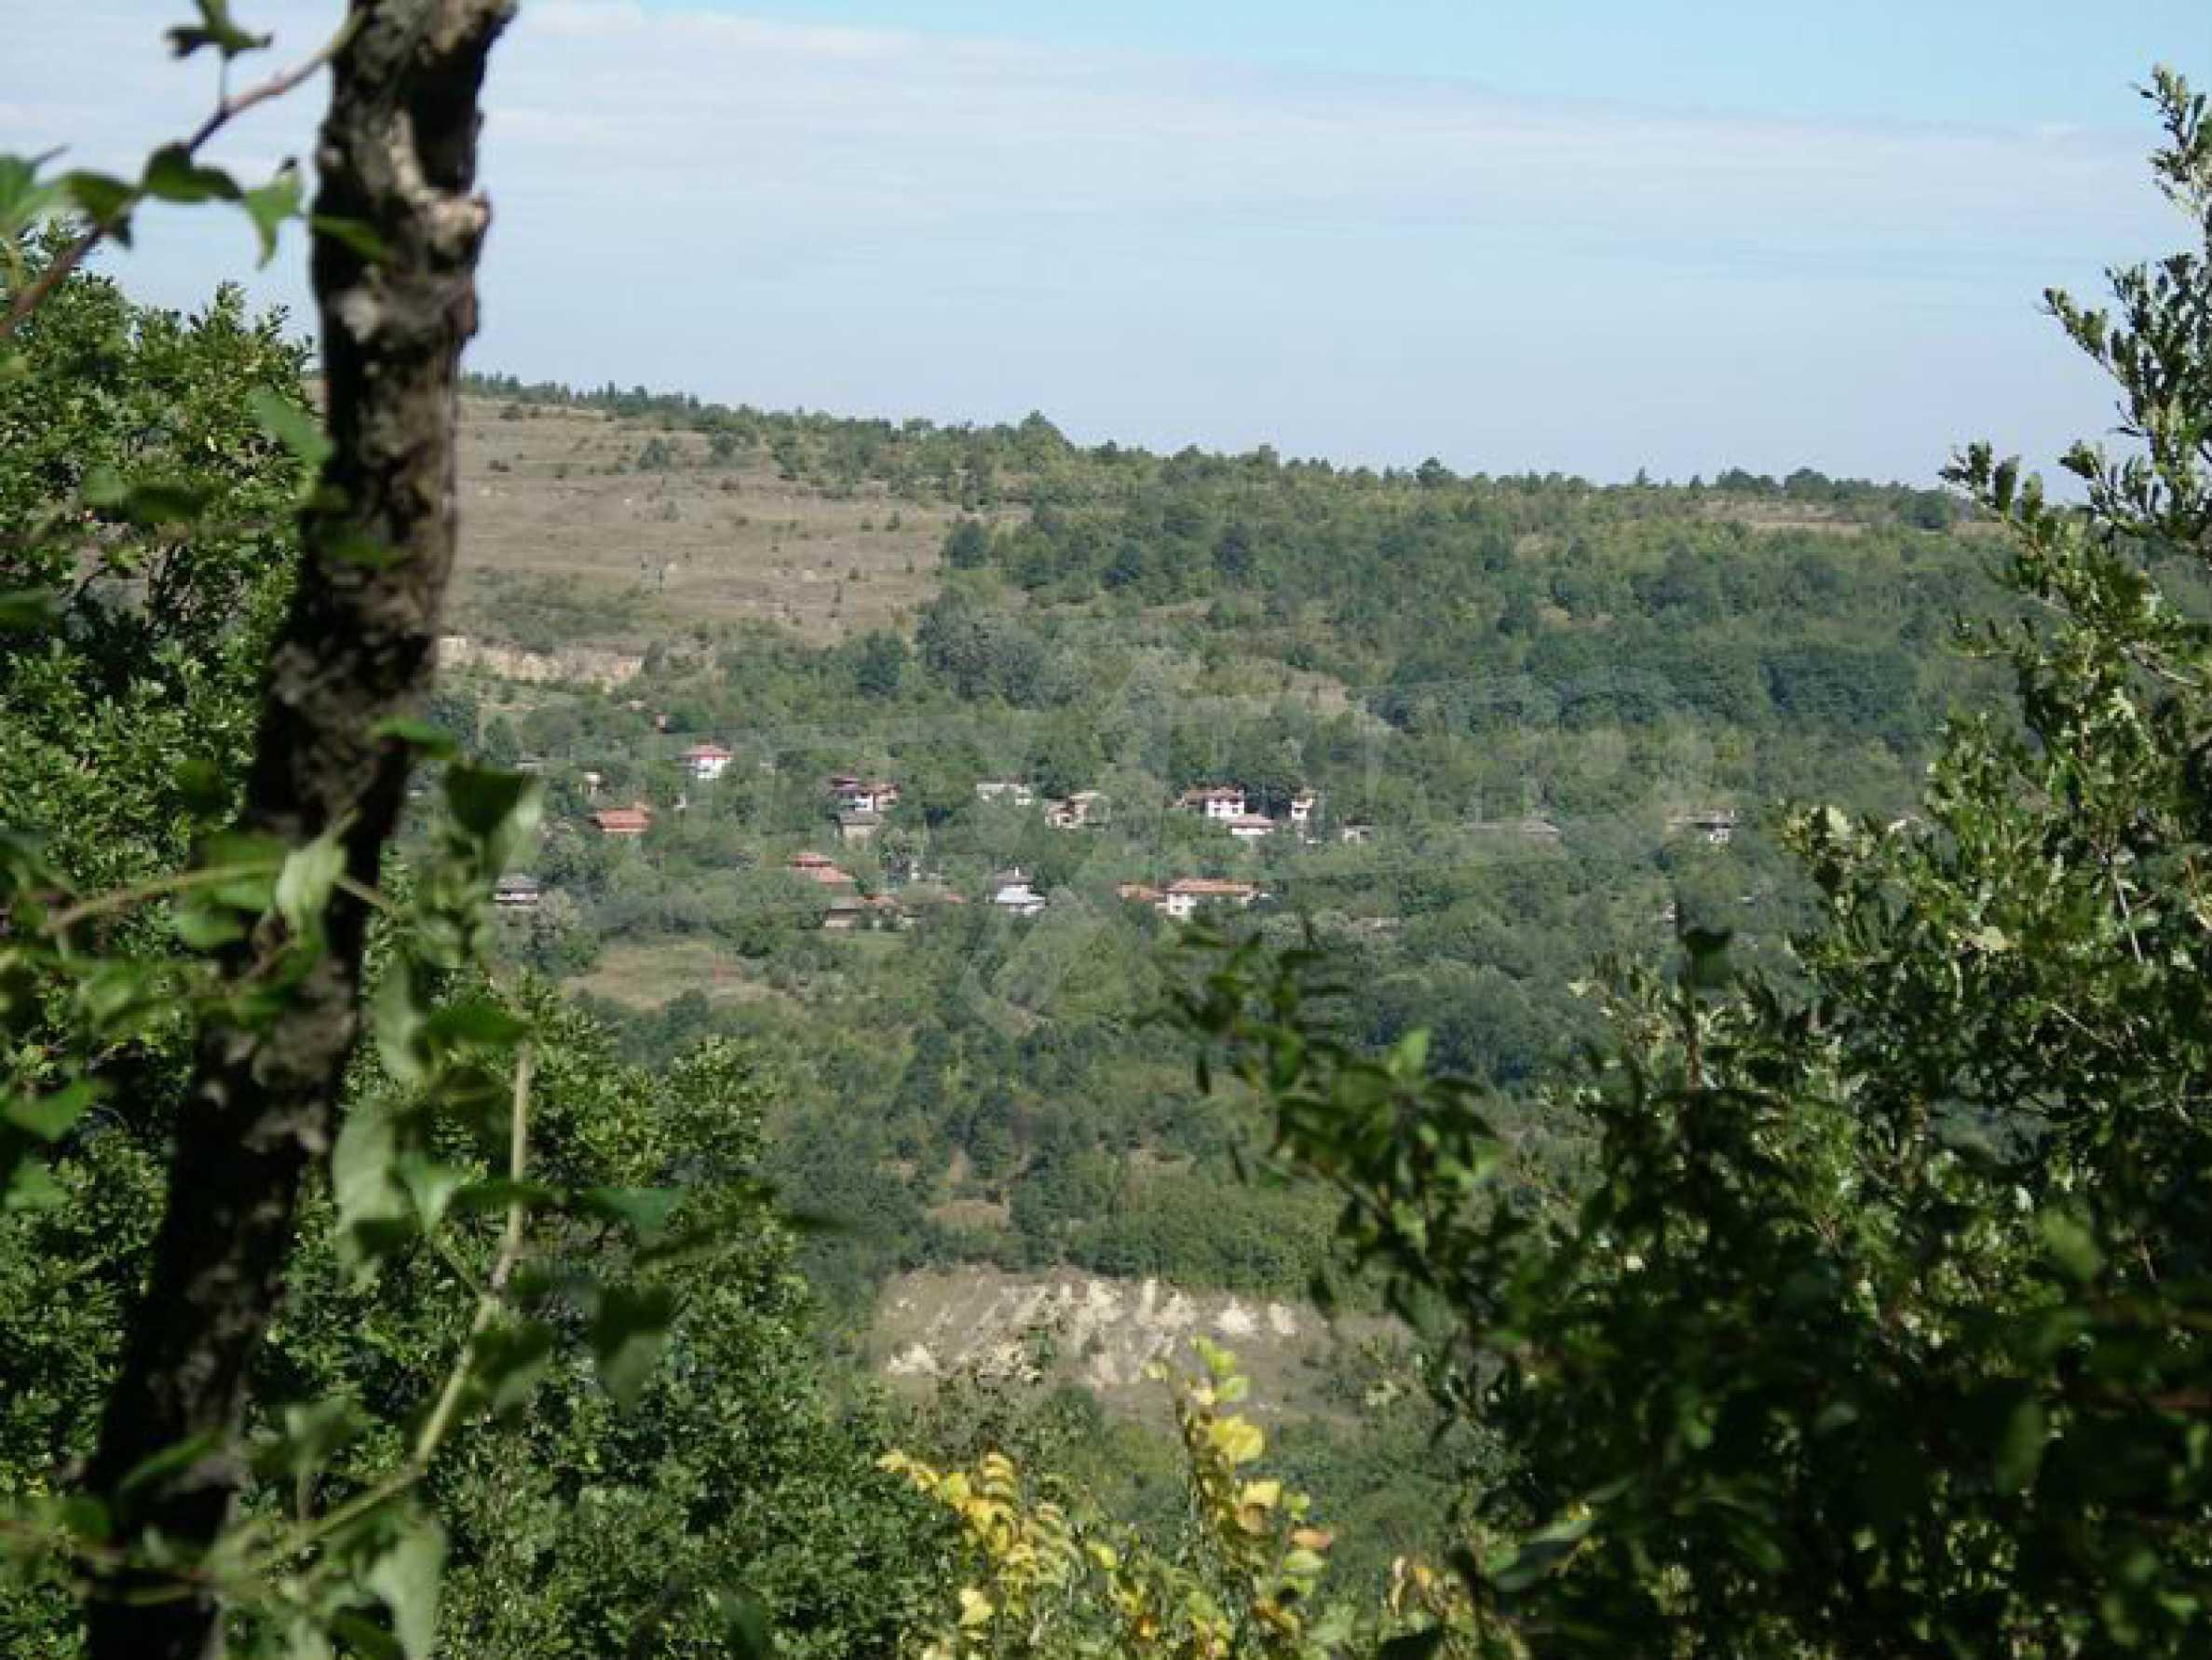 Старая  школа, построенная из камня, в чистом районе между городами Дряново и Трявна 6